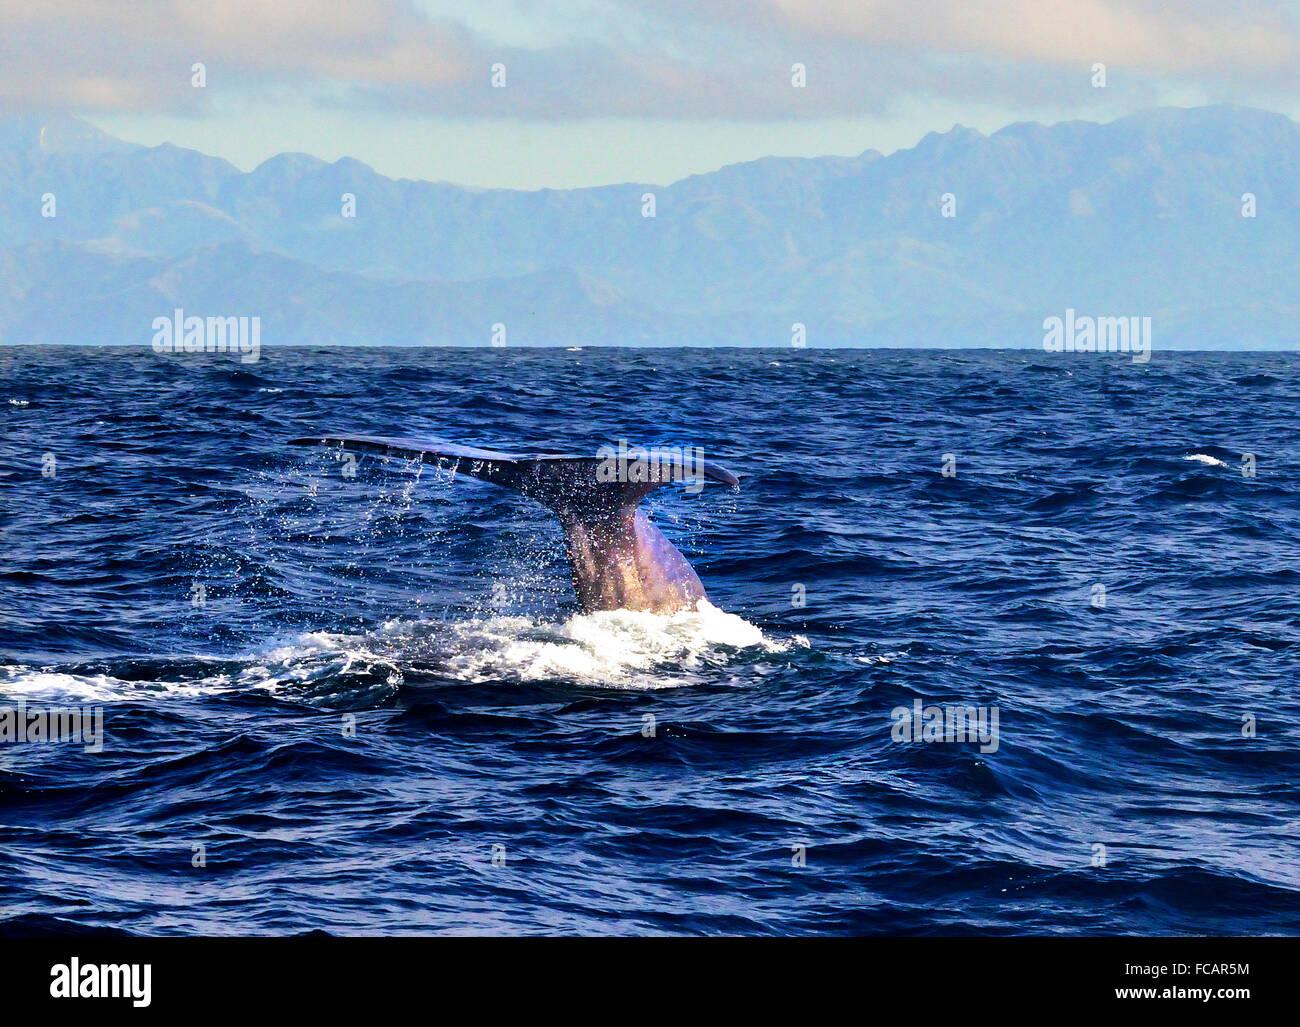 Pinna di coda di un gigante di capodoglio circa alla profondità di immersione durante la Gita di Avvistamento Immagini Stock